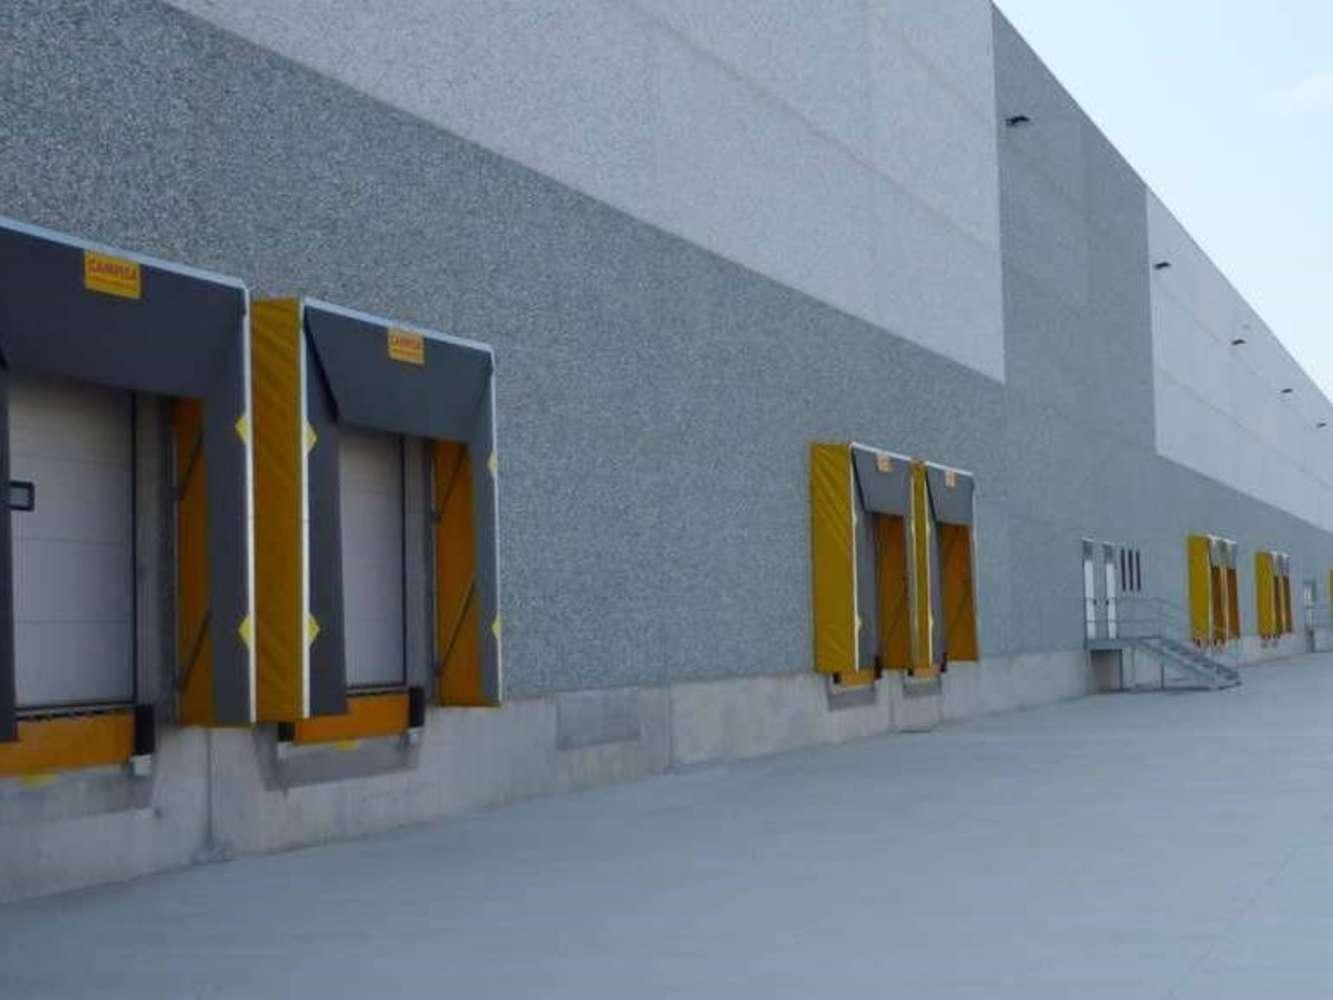 Magazzini industriali e logistici Codogno, 26845 - Codogno Warehouse - 9134659